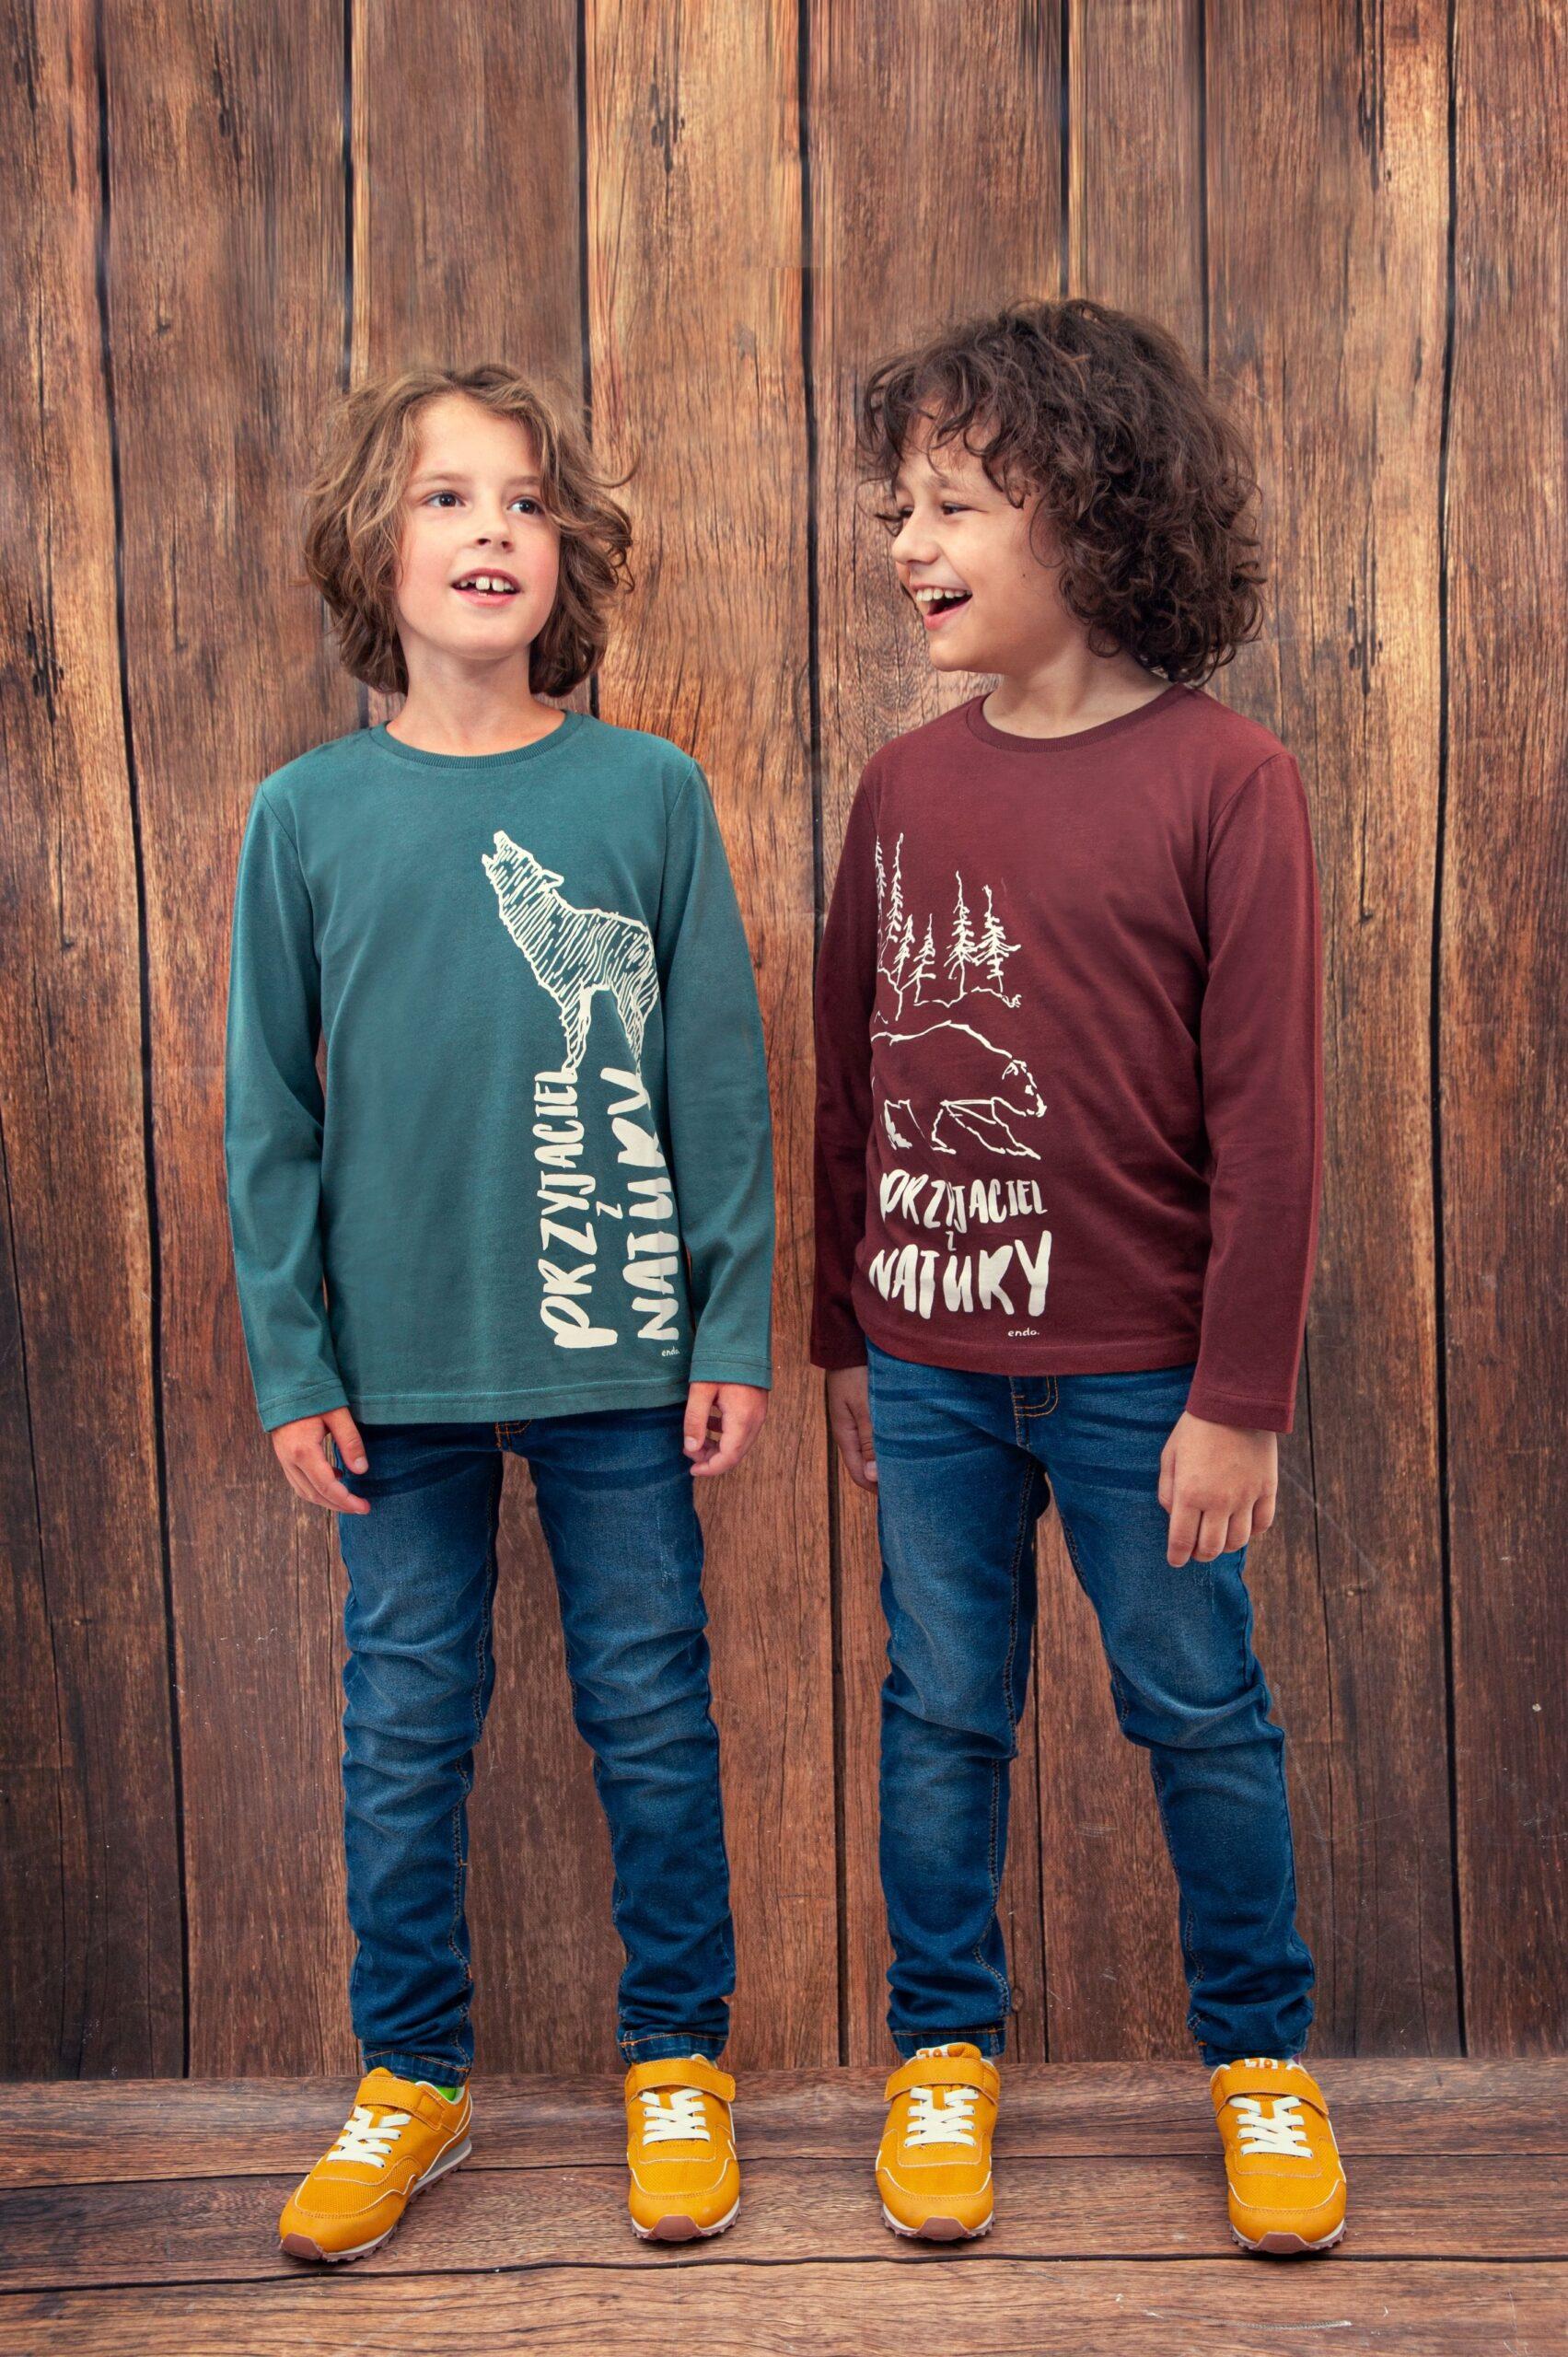 Dwaj chłopcy stojący na tle drewnianej ściany, śmiejący się do siebie.